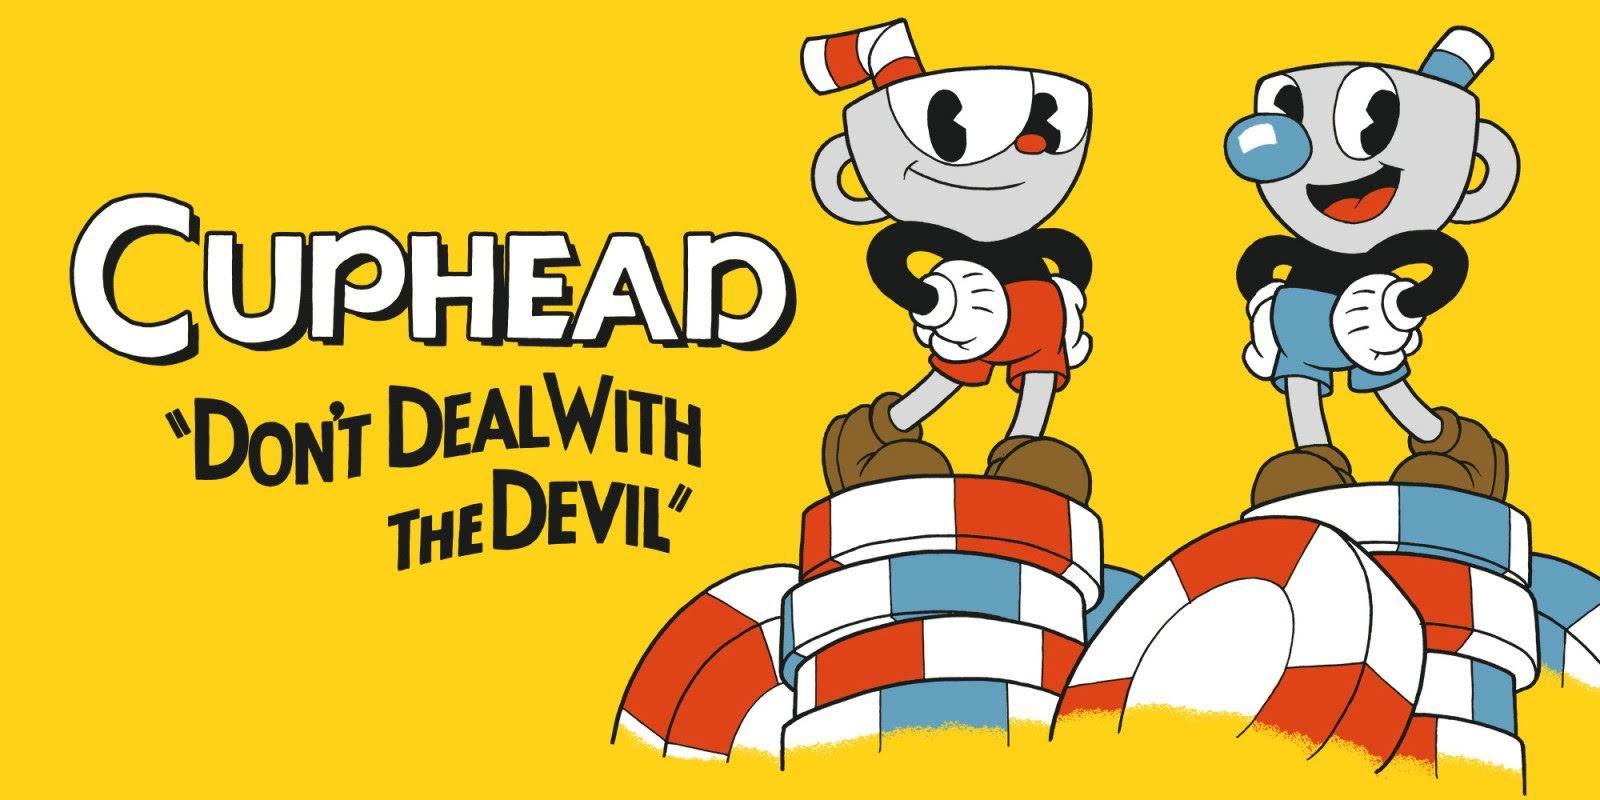 cuphead-viet-hoa